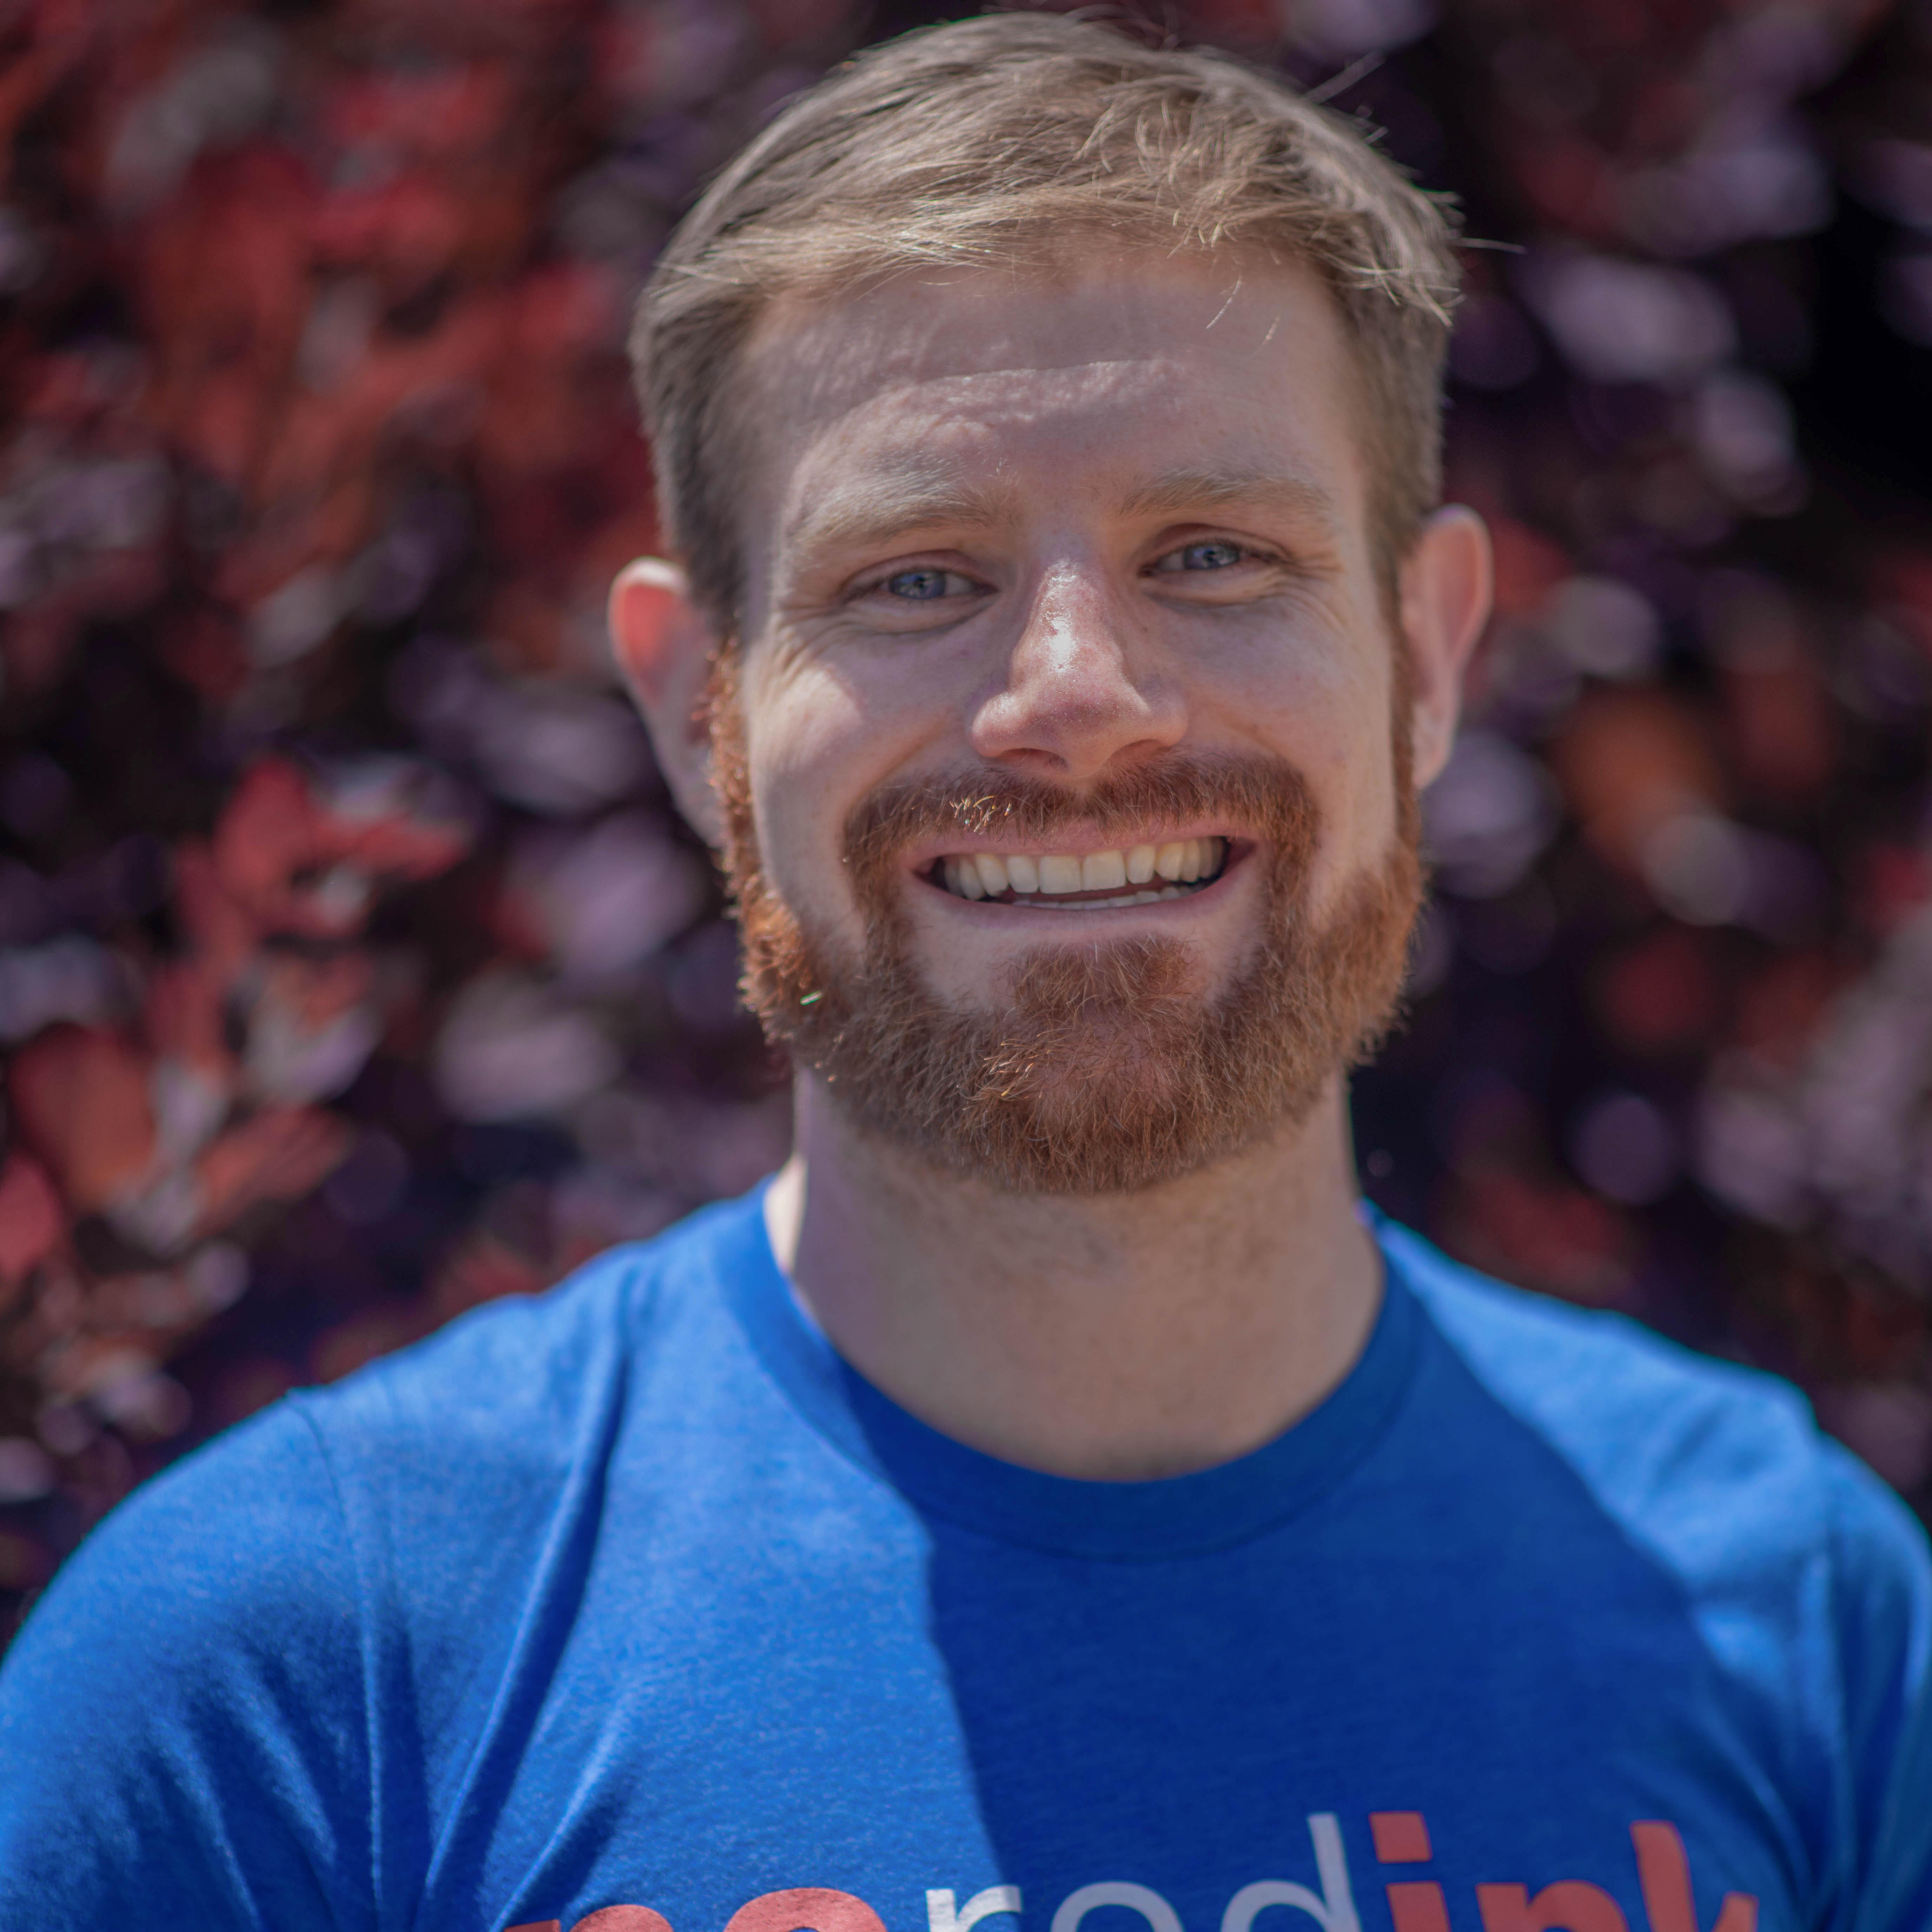 Connor Ashenbrucker